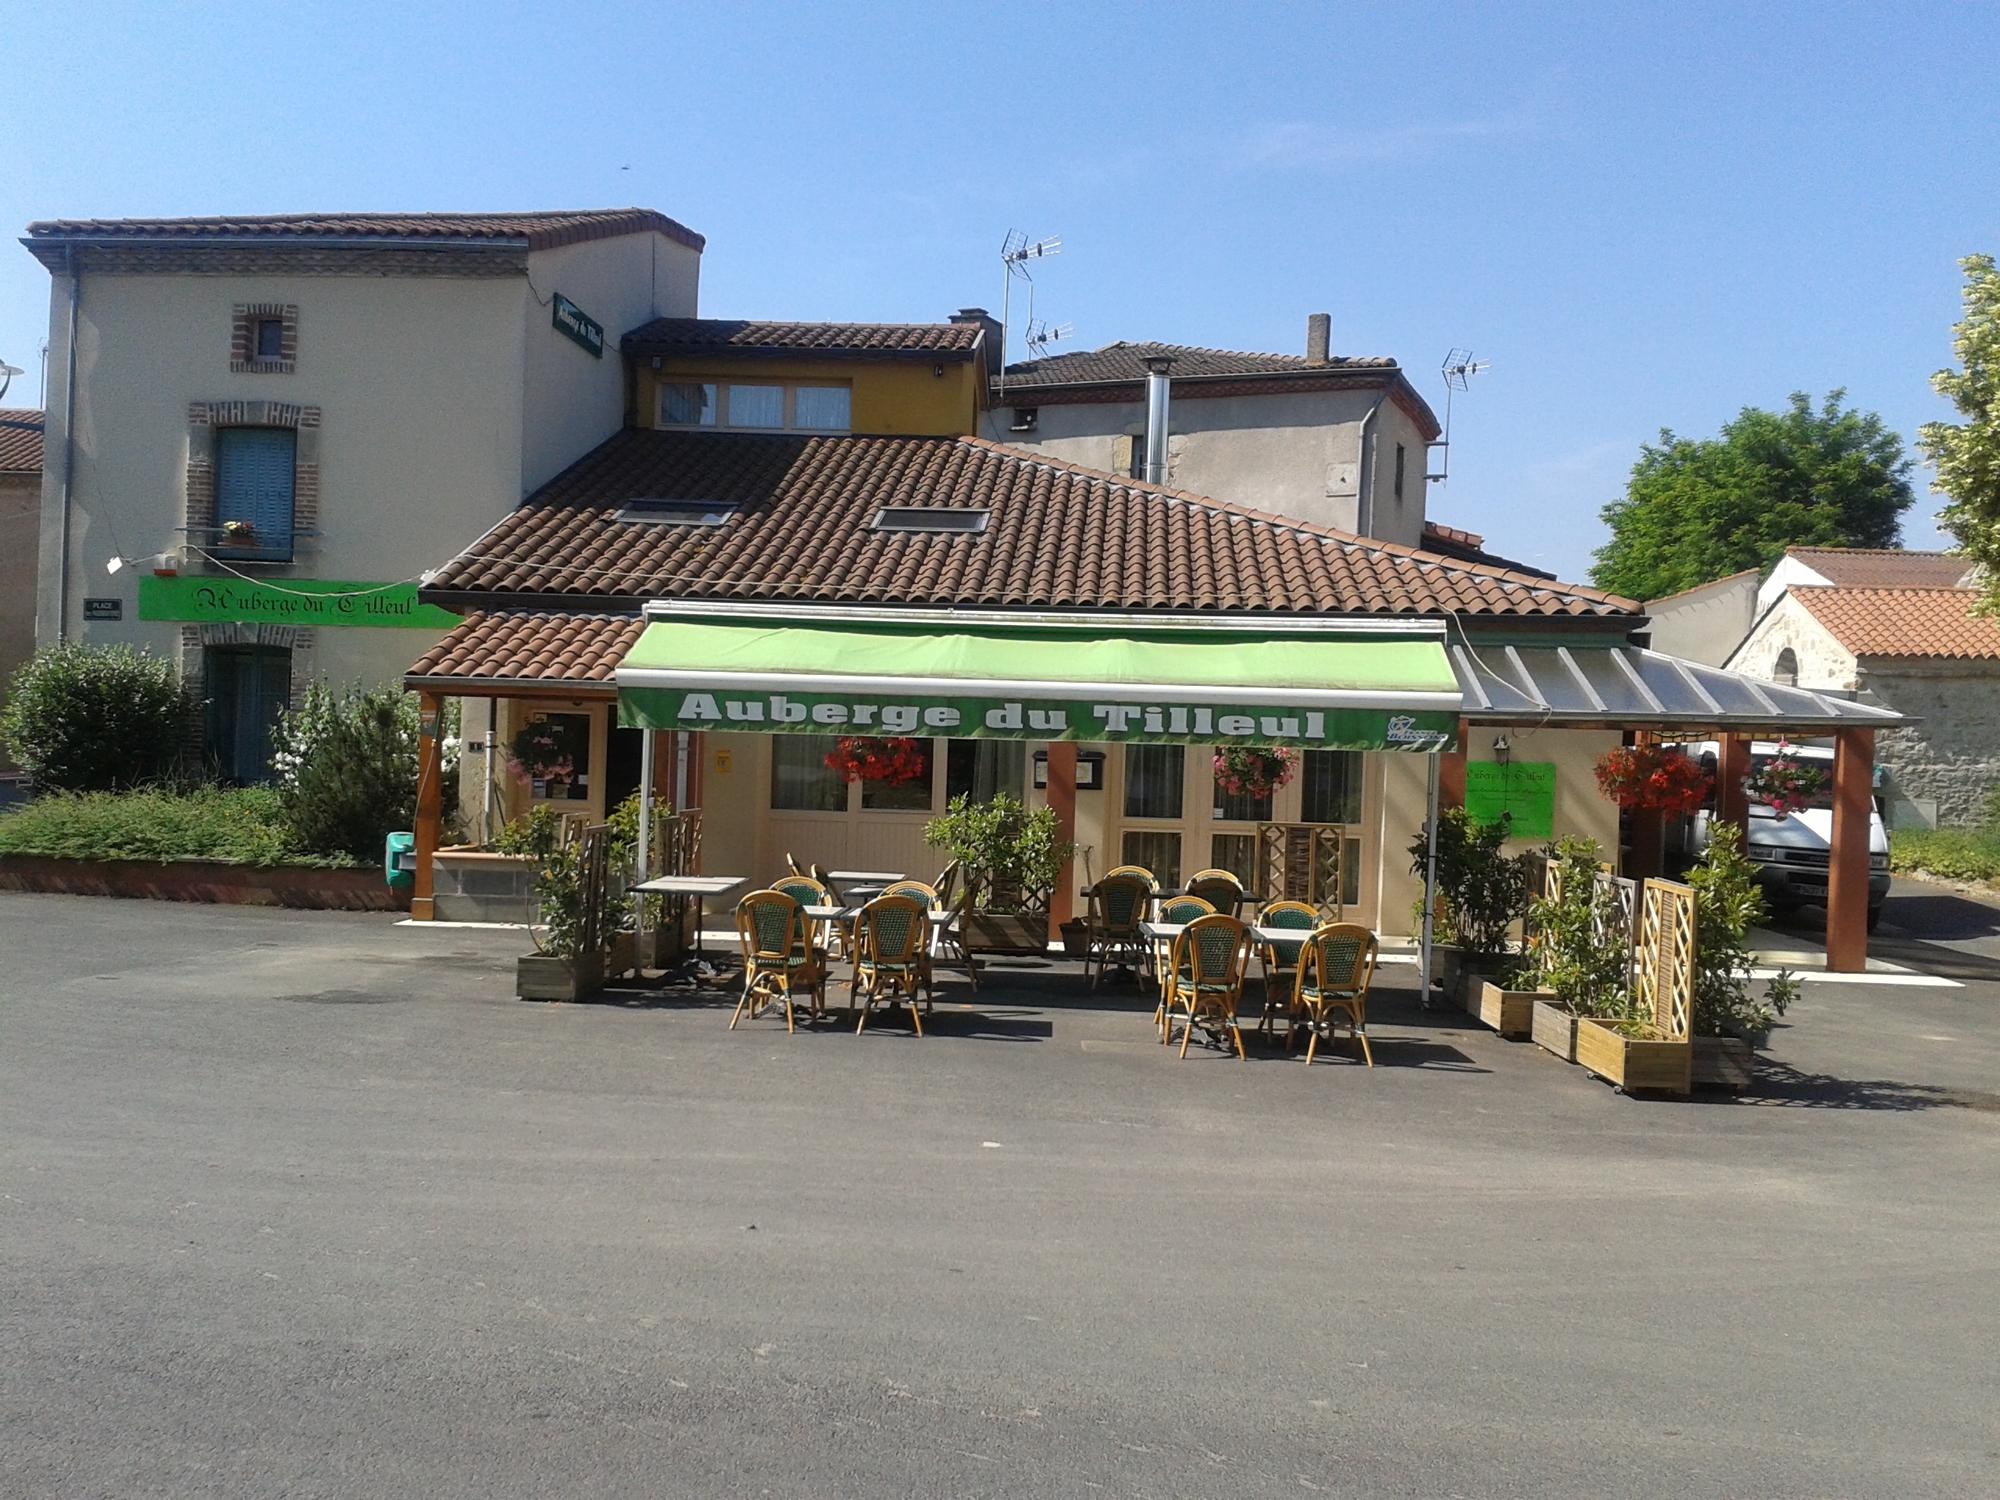 Auberge du Tilleul – St-Martin-des-Plains